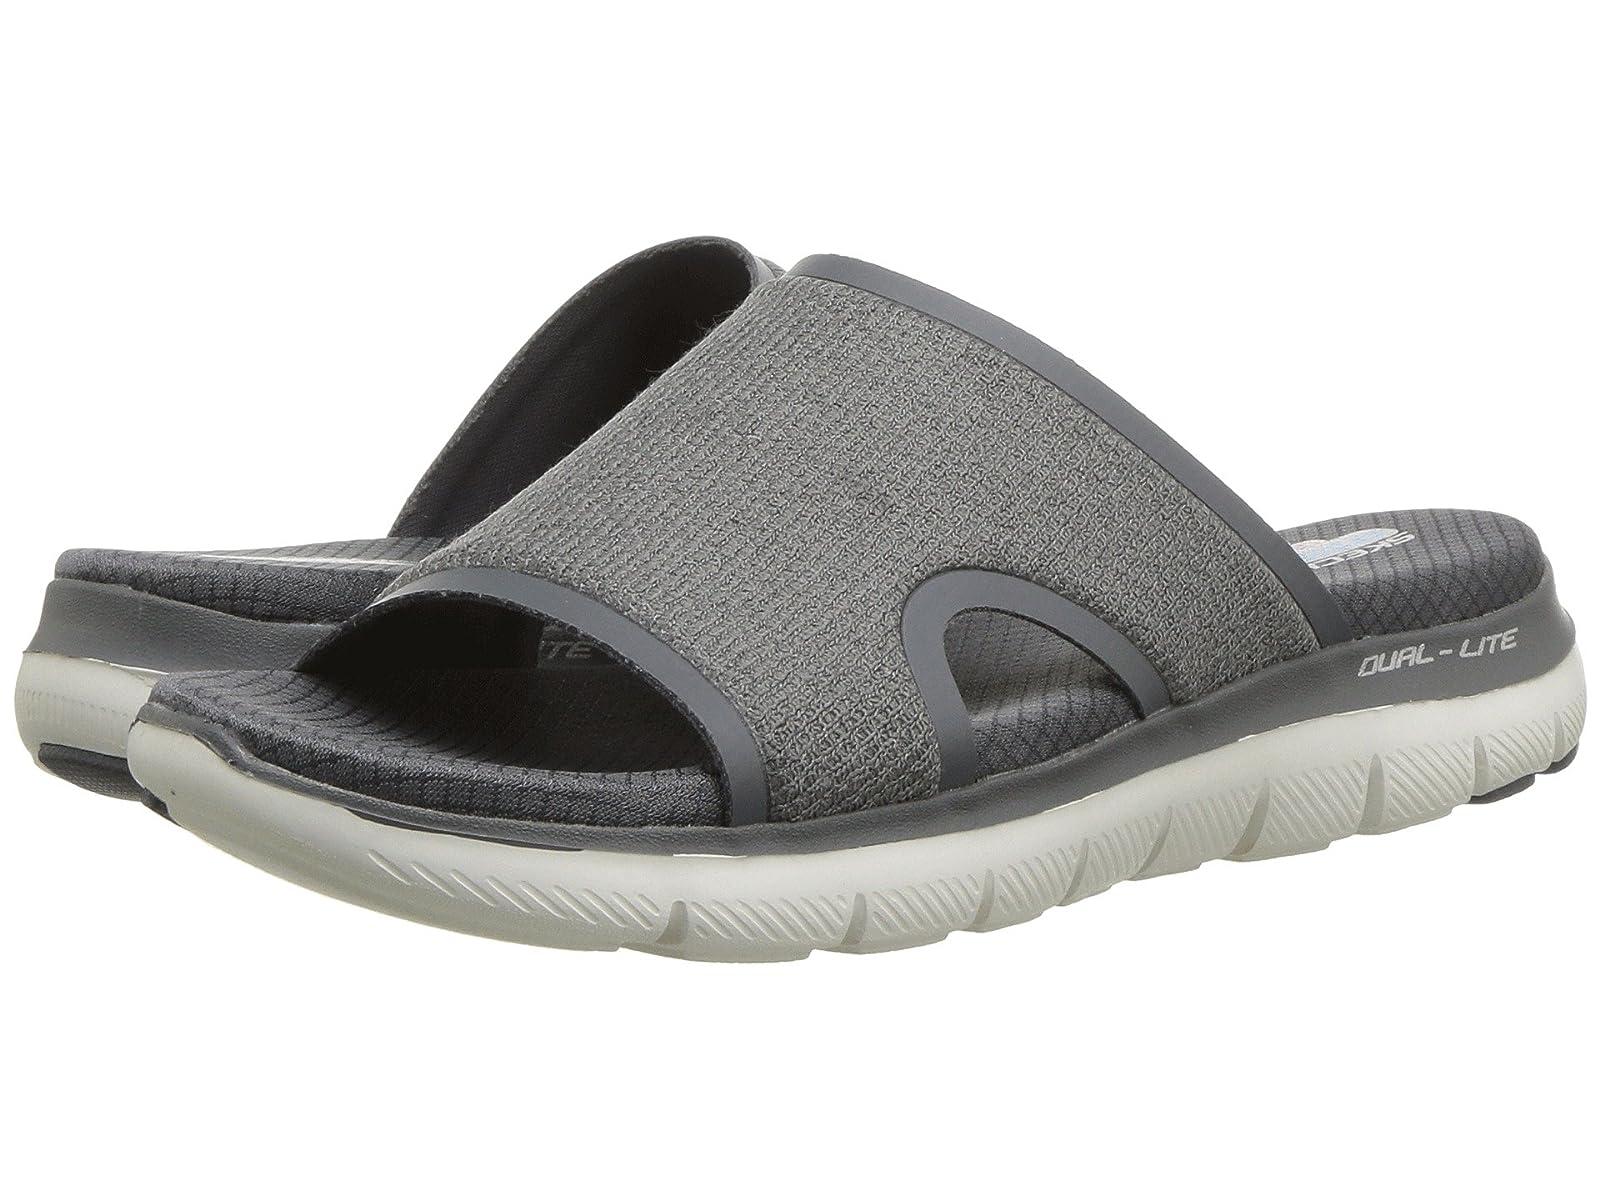 SKECHERS Flex Appeal 2.0 – Summer JamAtmospheric grades have affordable shoes